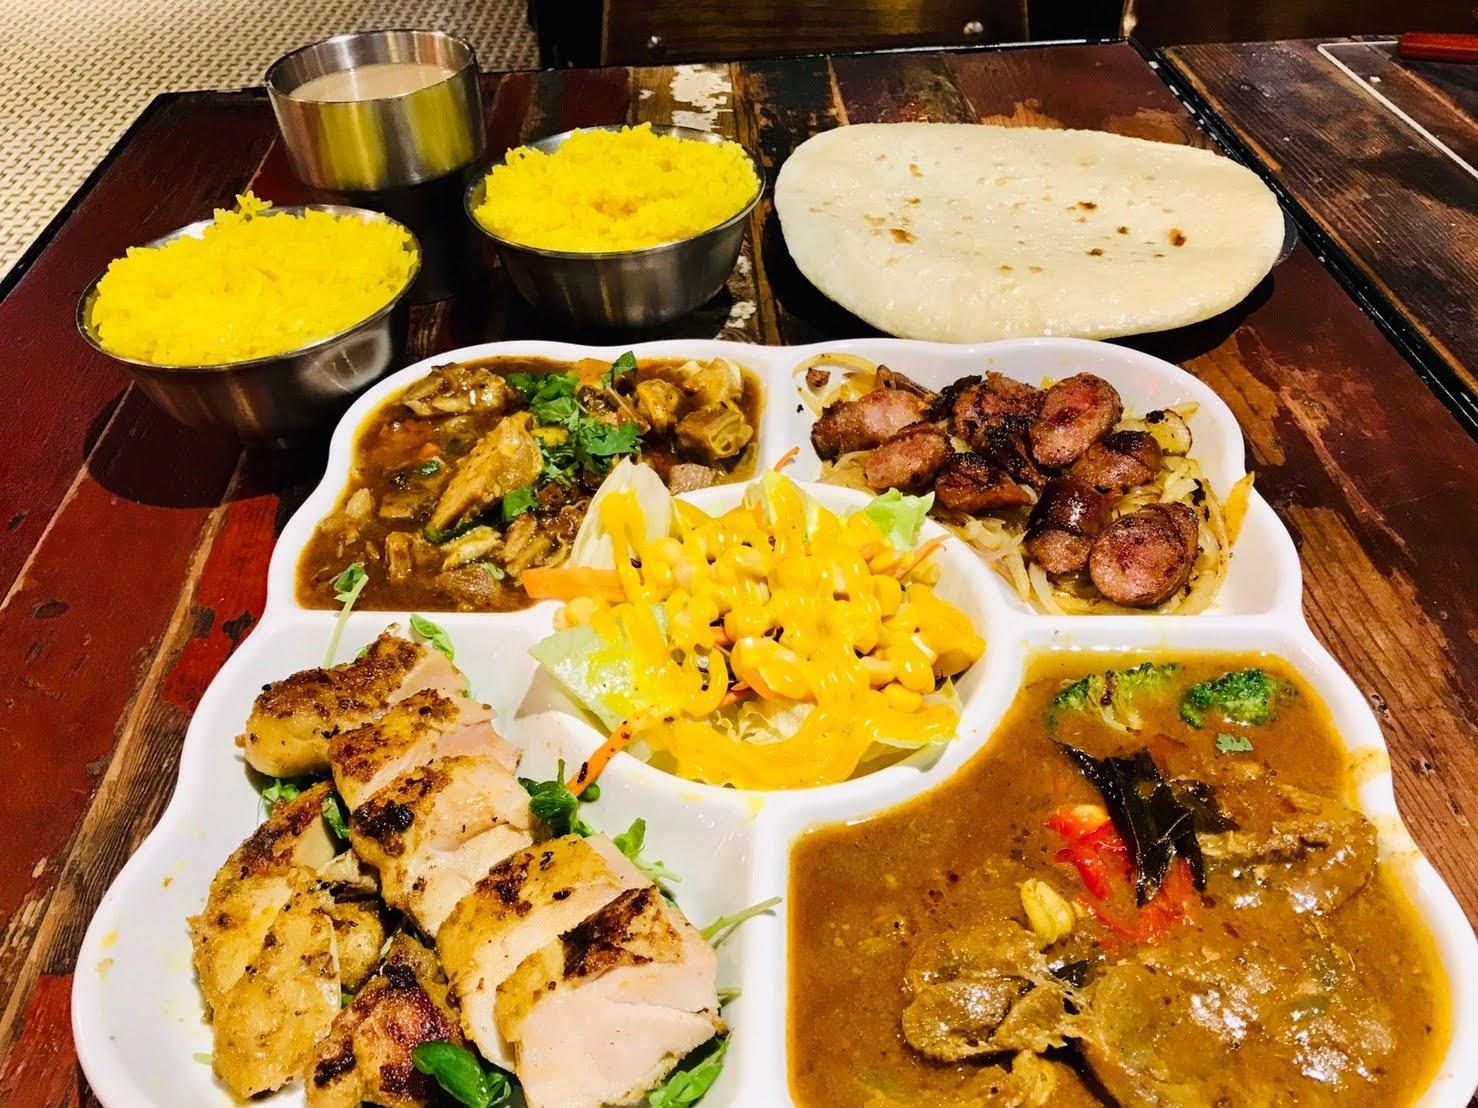 印度咖哩 Indian curry、烤餅、拉茶推薦,板橋大遠美食